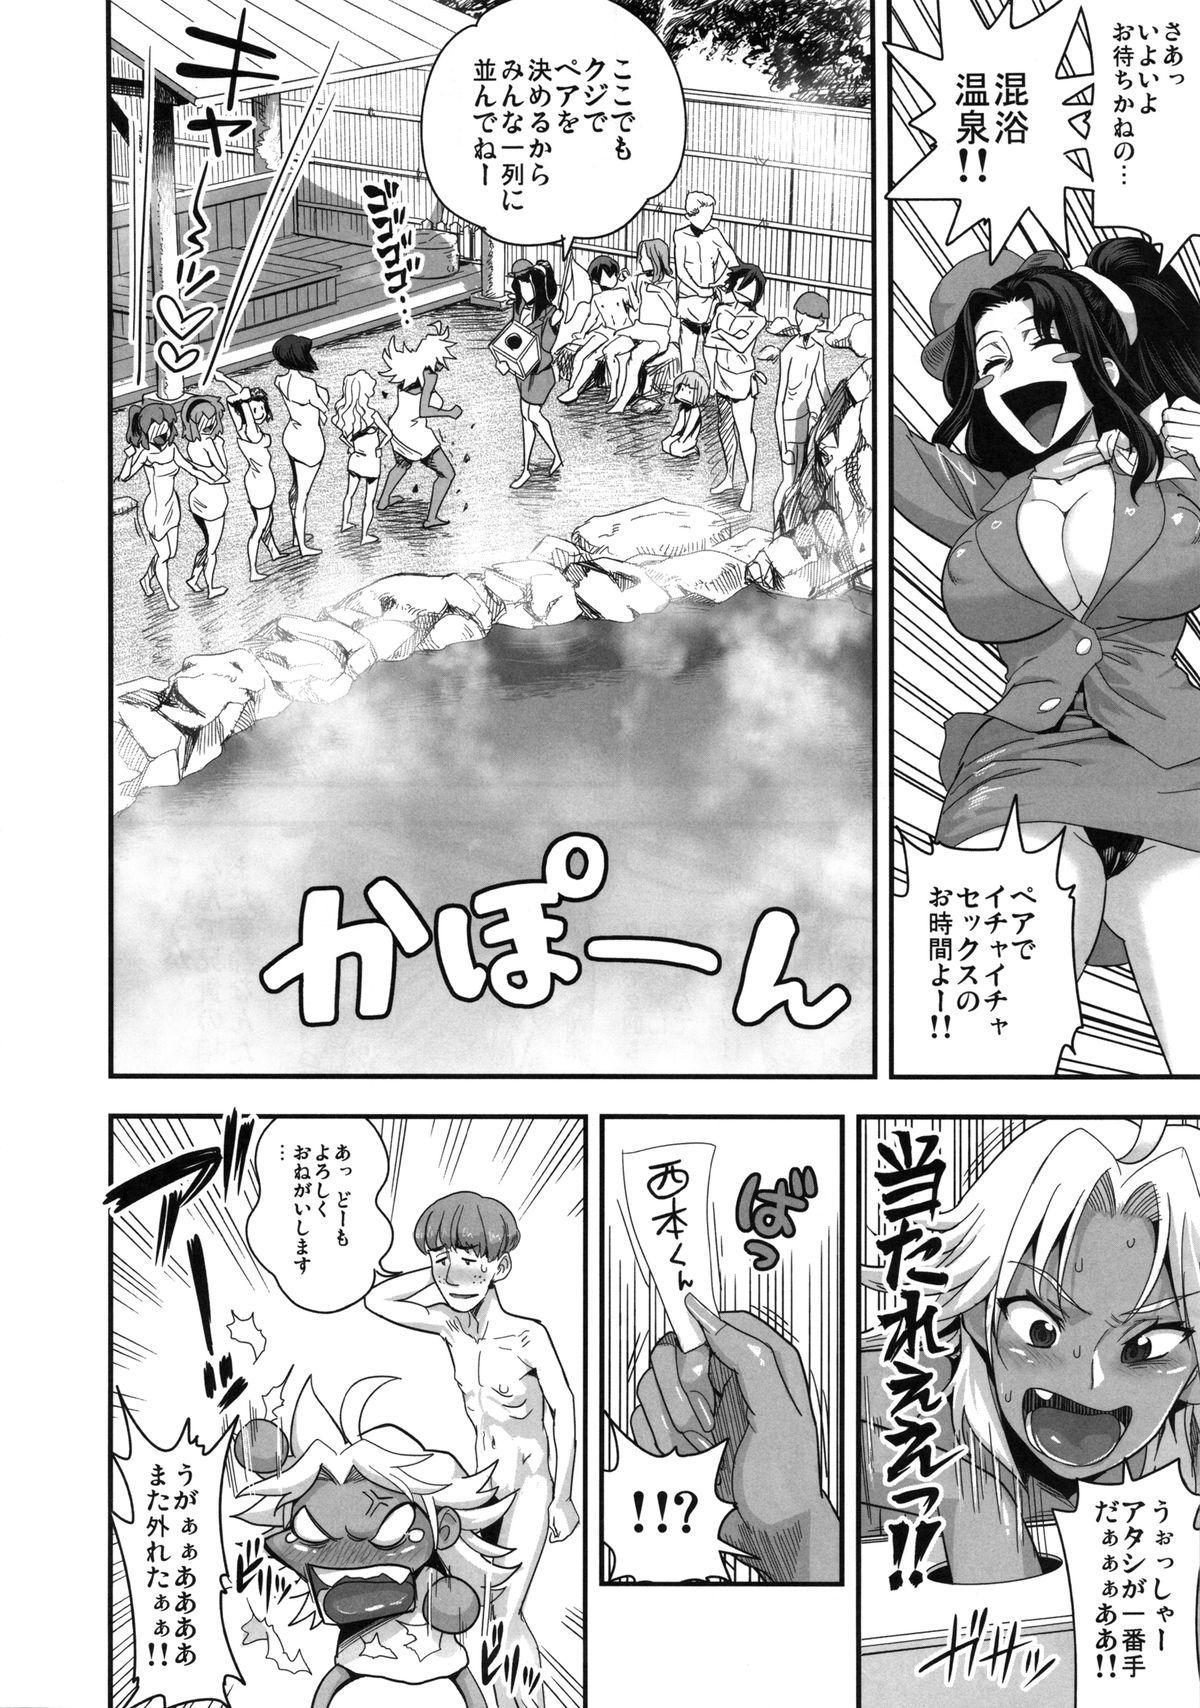 Energy Kyo-ka!! Soushuuhen 2 Manguri Hen 44